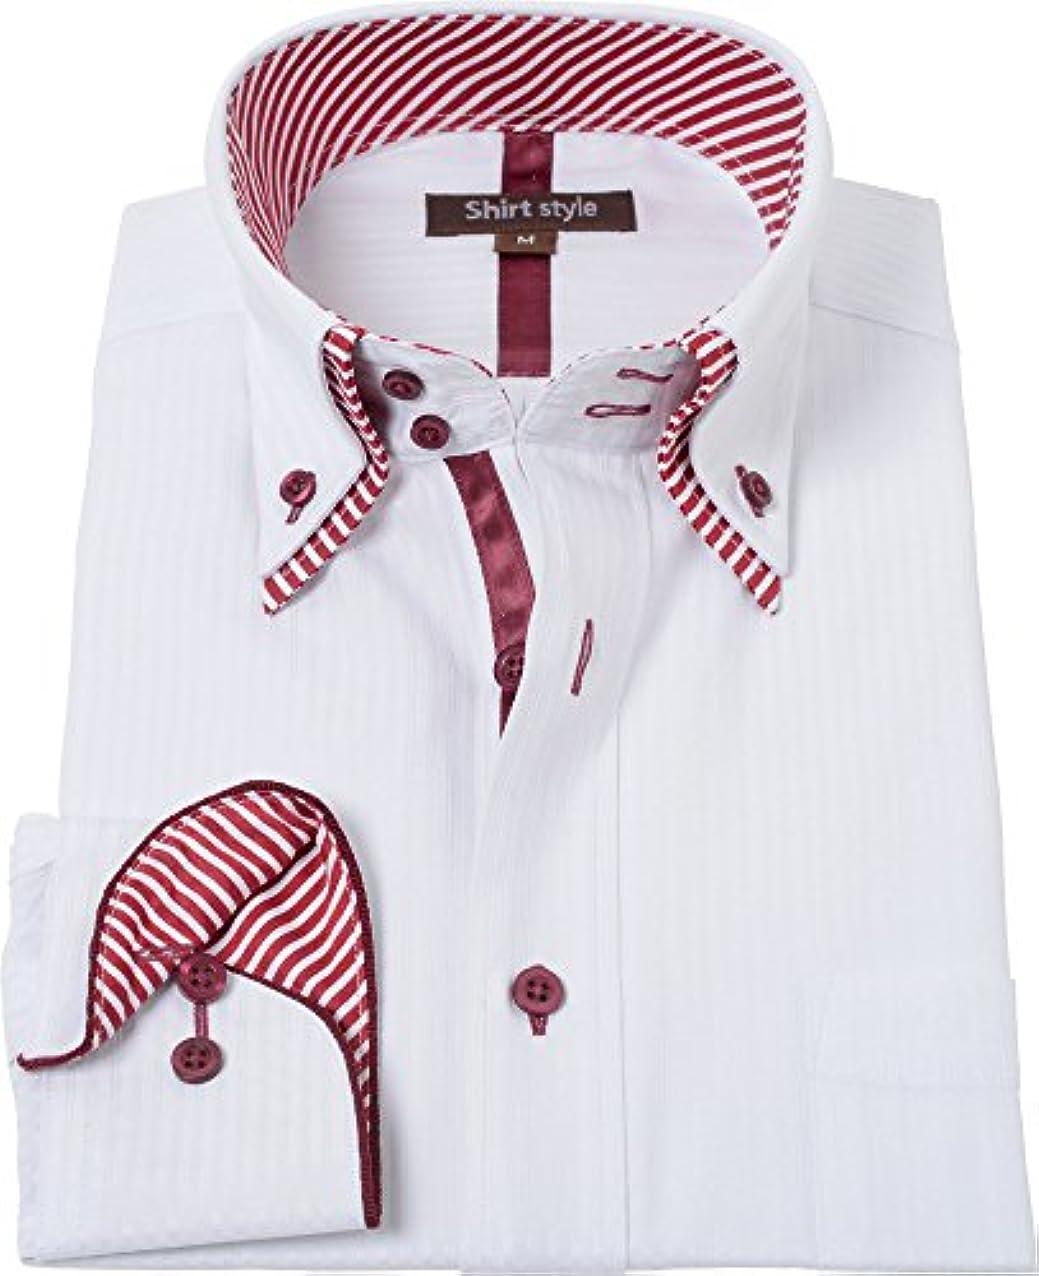 組立困惑する本質的ではないシャツスタイル(shirt style)ボタンダウンシャツ メンズ 標準 S M L LL 3L/ysh-1-037